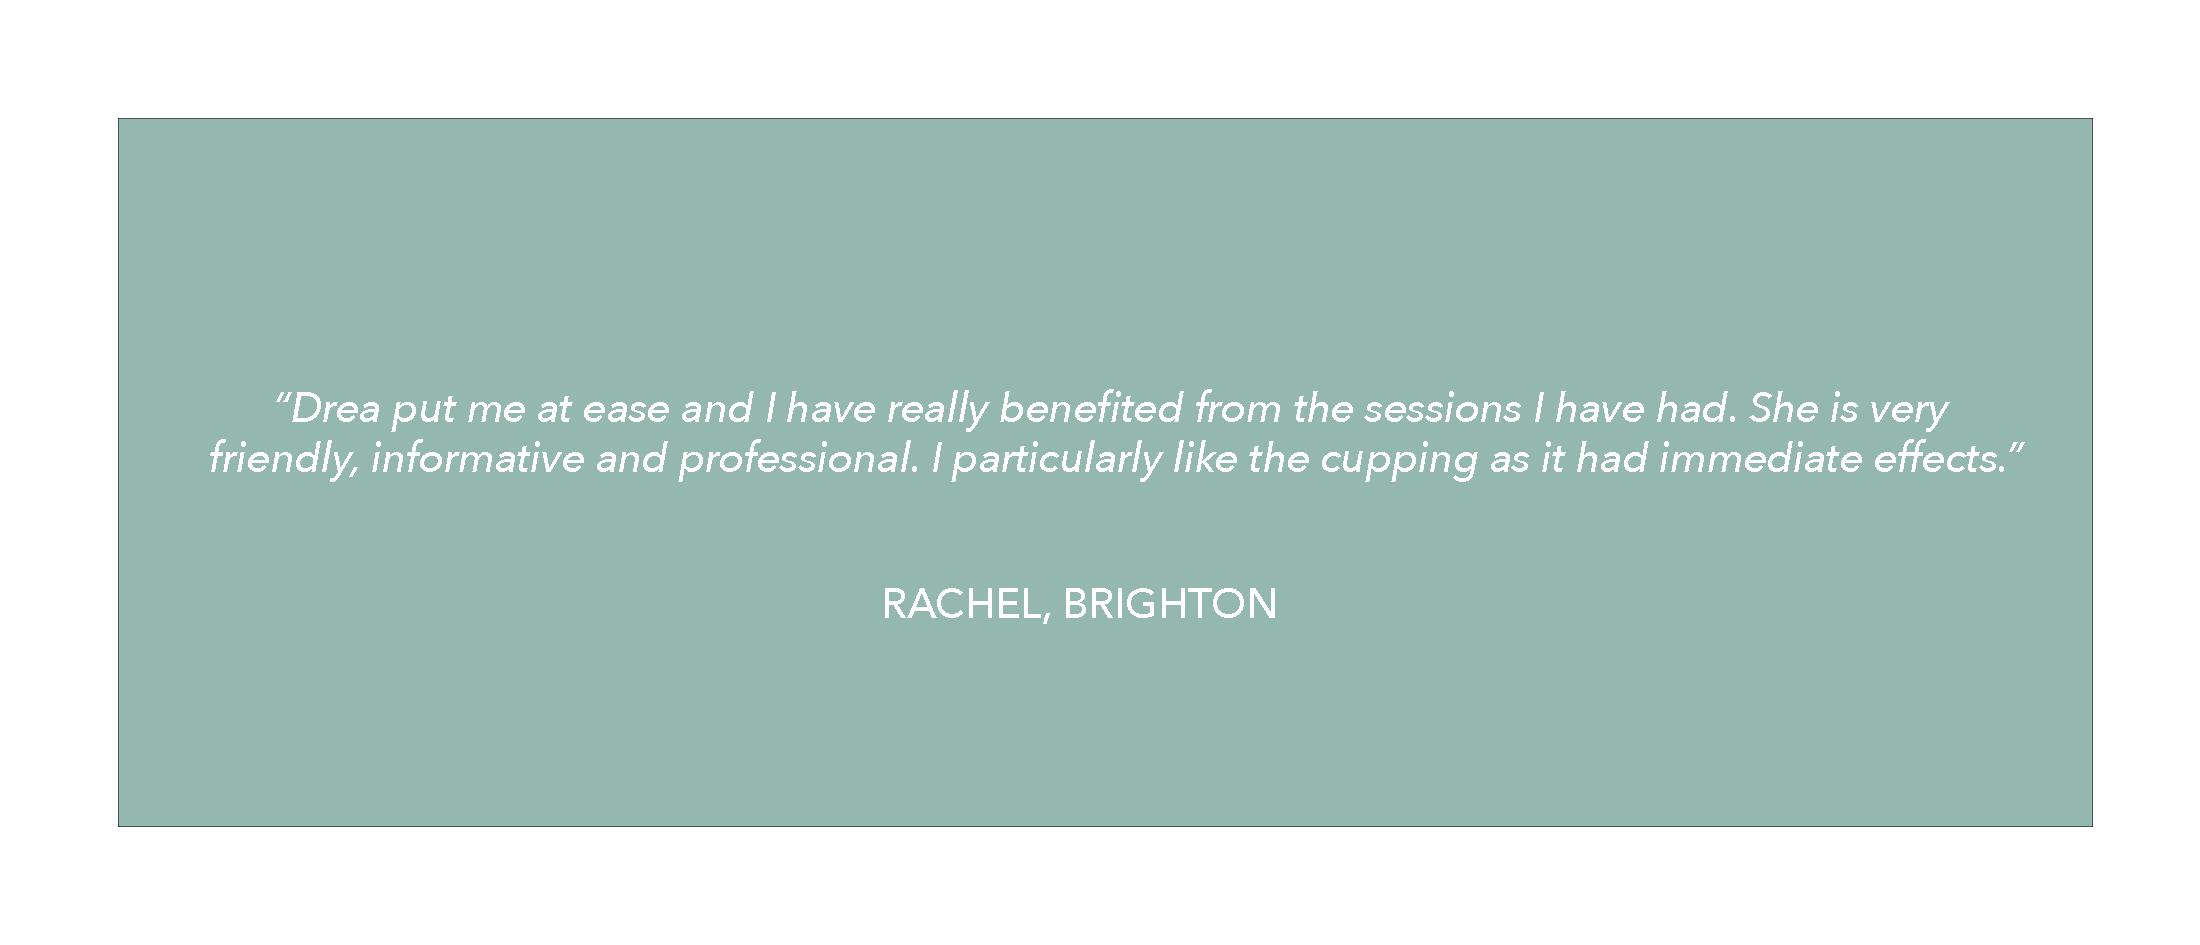 Rachel quote.jpg